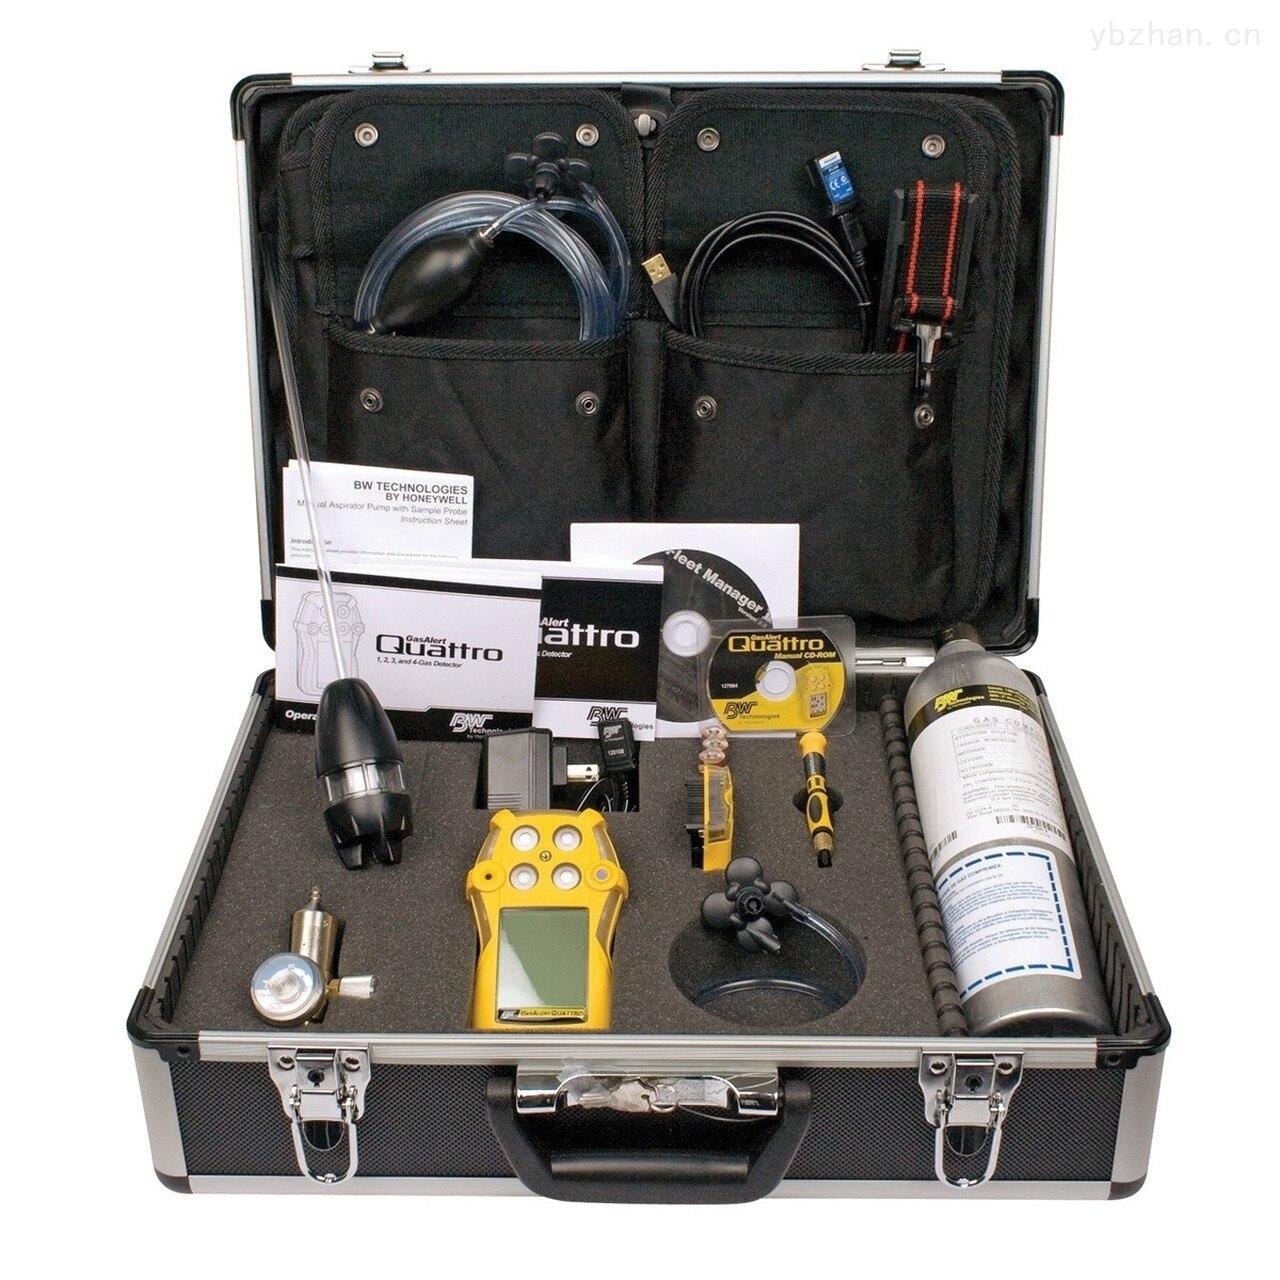 <strong><strong><strong><strong>BW GasAlertQuattro 四合一气体检测仪</strong></strong></strong></strong>  加拿大BW GasAlertQuattro